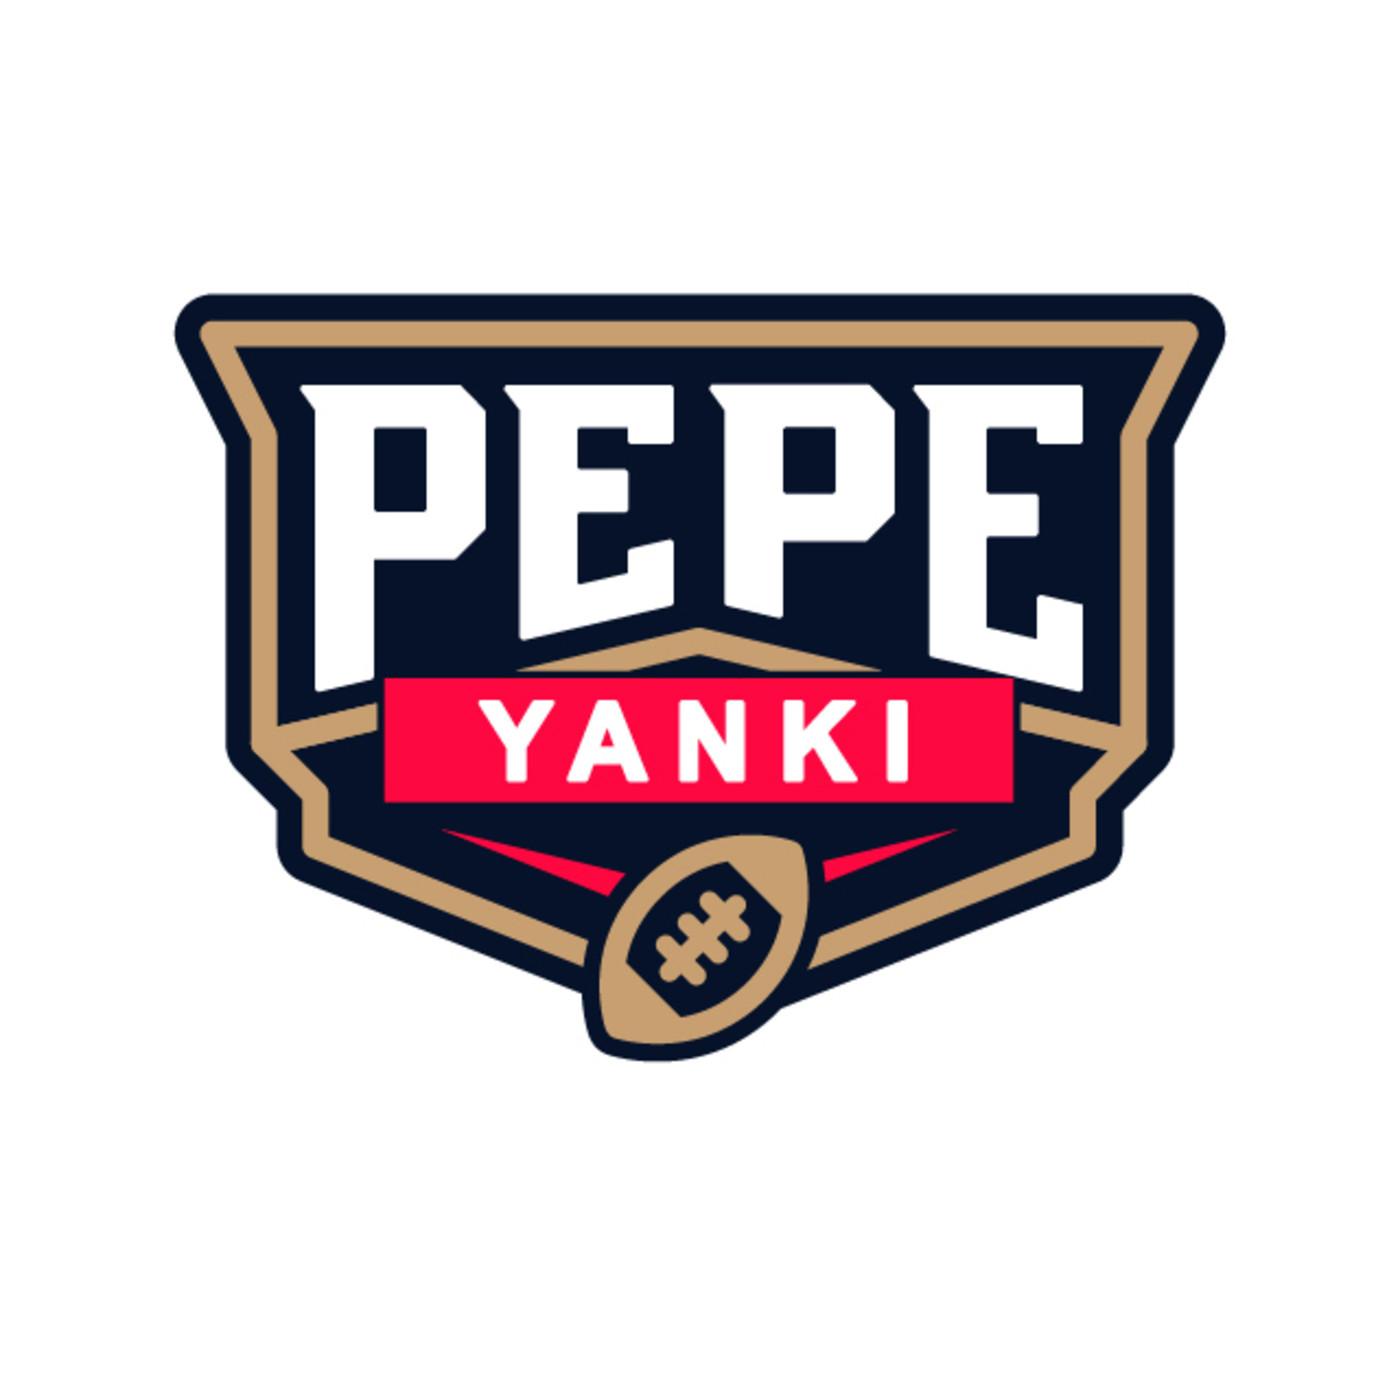 PepeYanki#538: La Big Ten rectifica y sí jugará este año en la NCAA Football